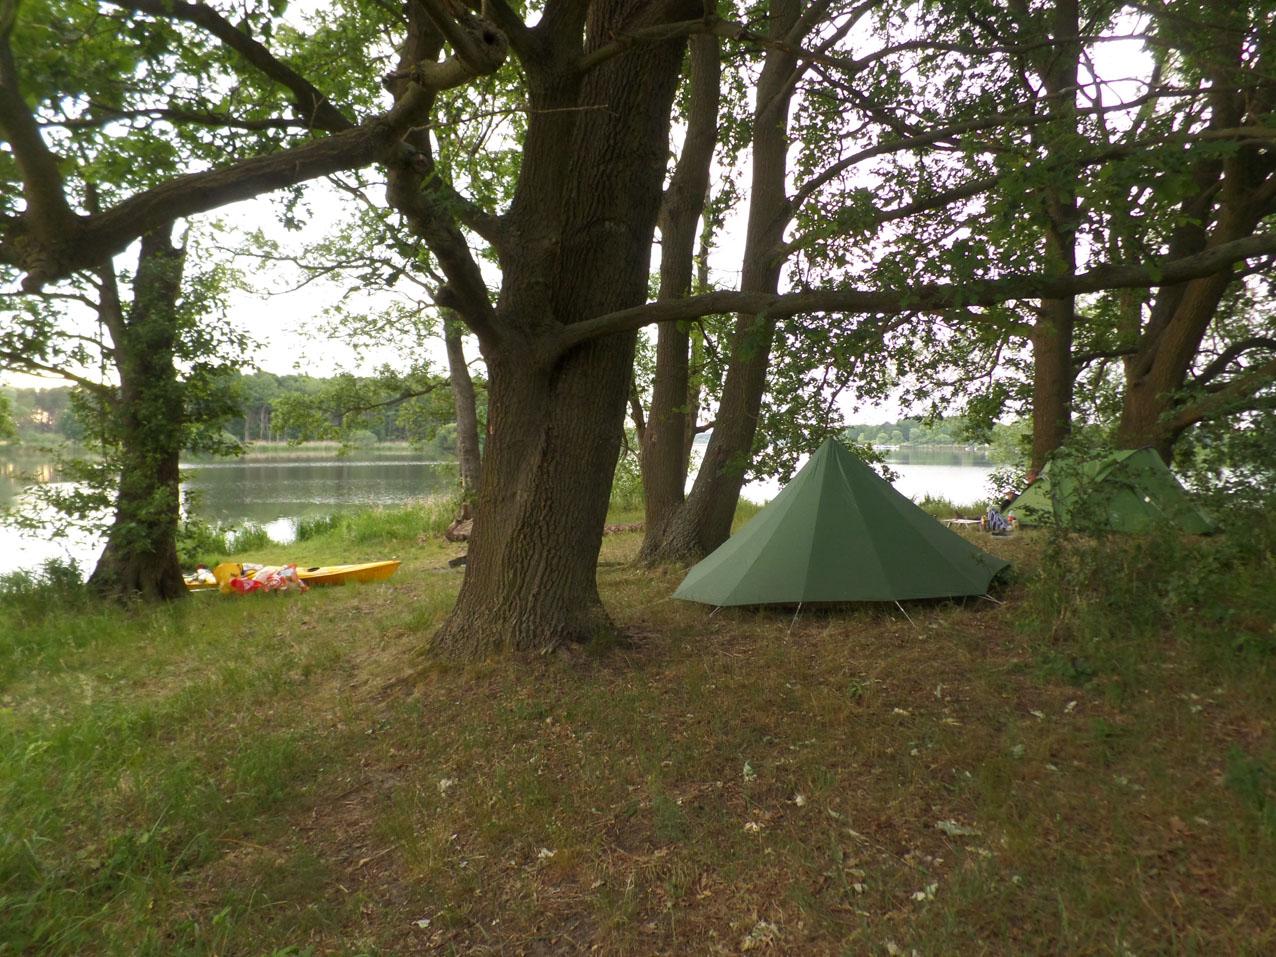 Wildkamperen aan de Neuendorfer See